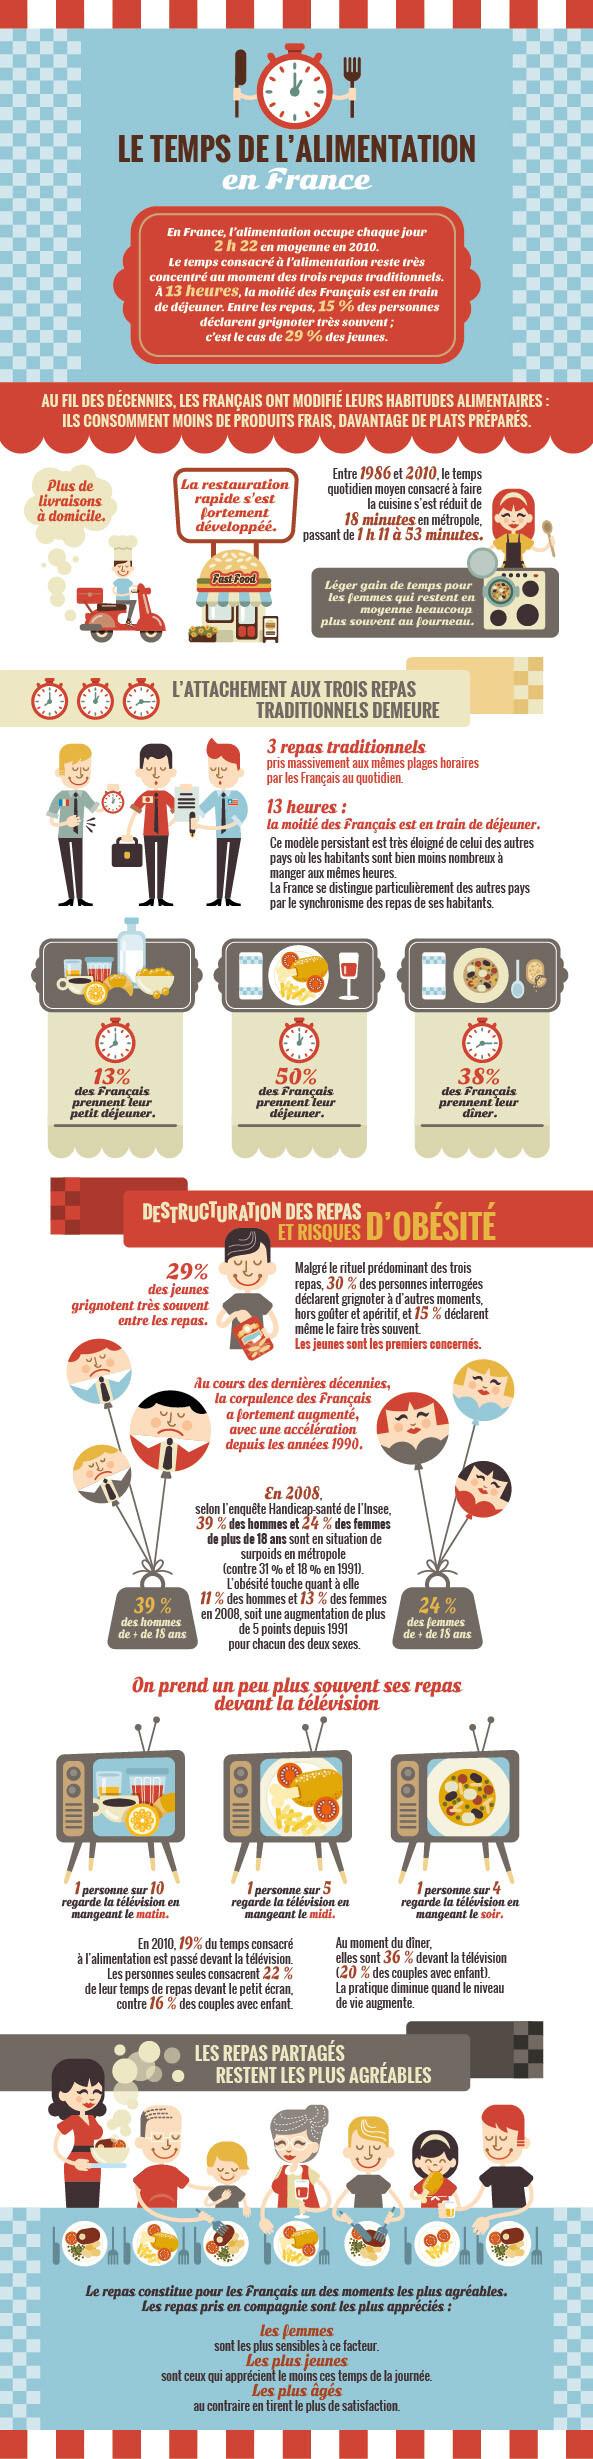 Infographie : Le temps de l'alimentation en France